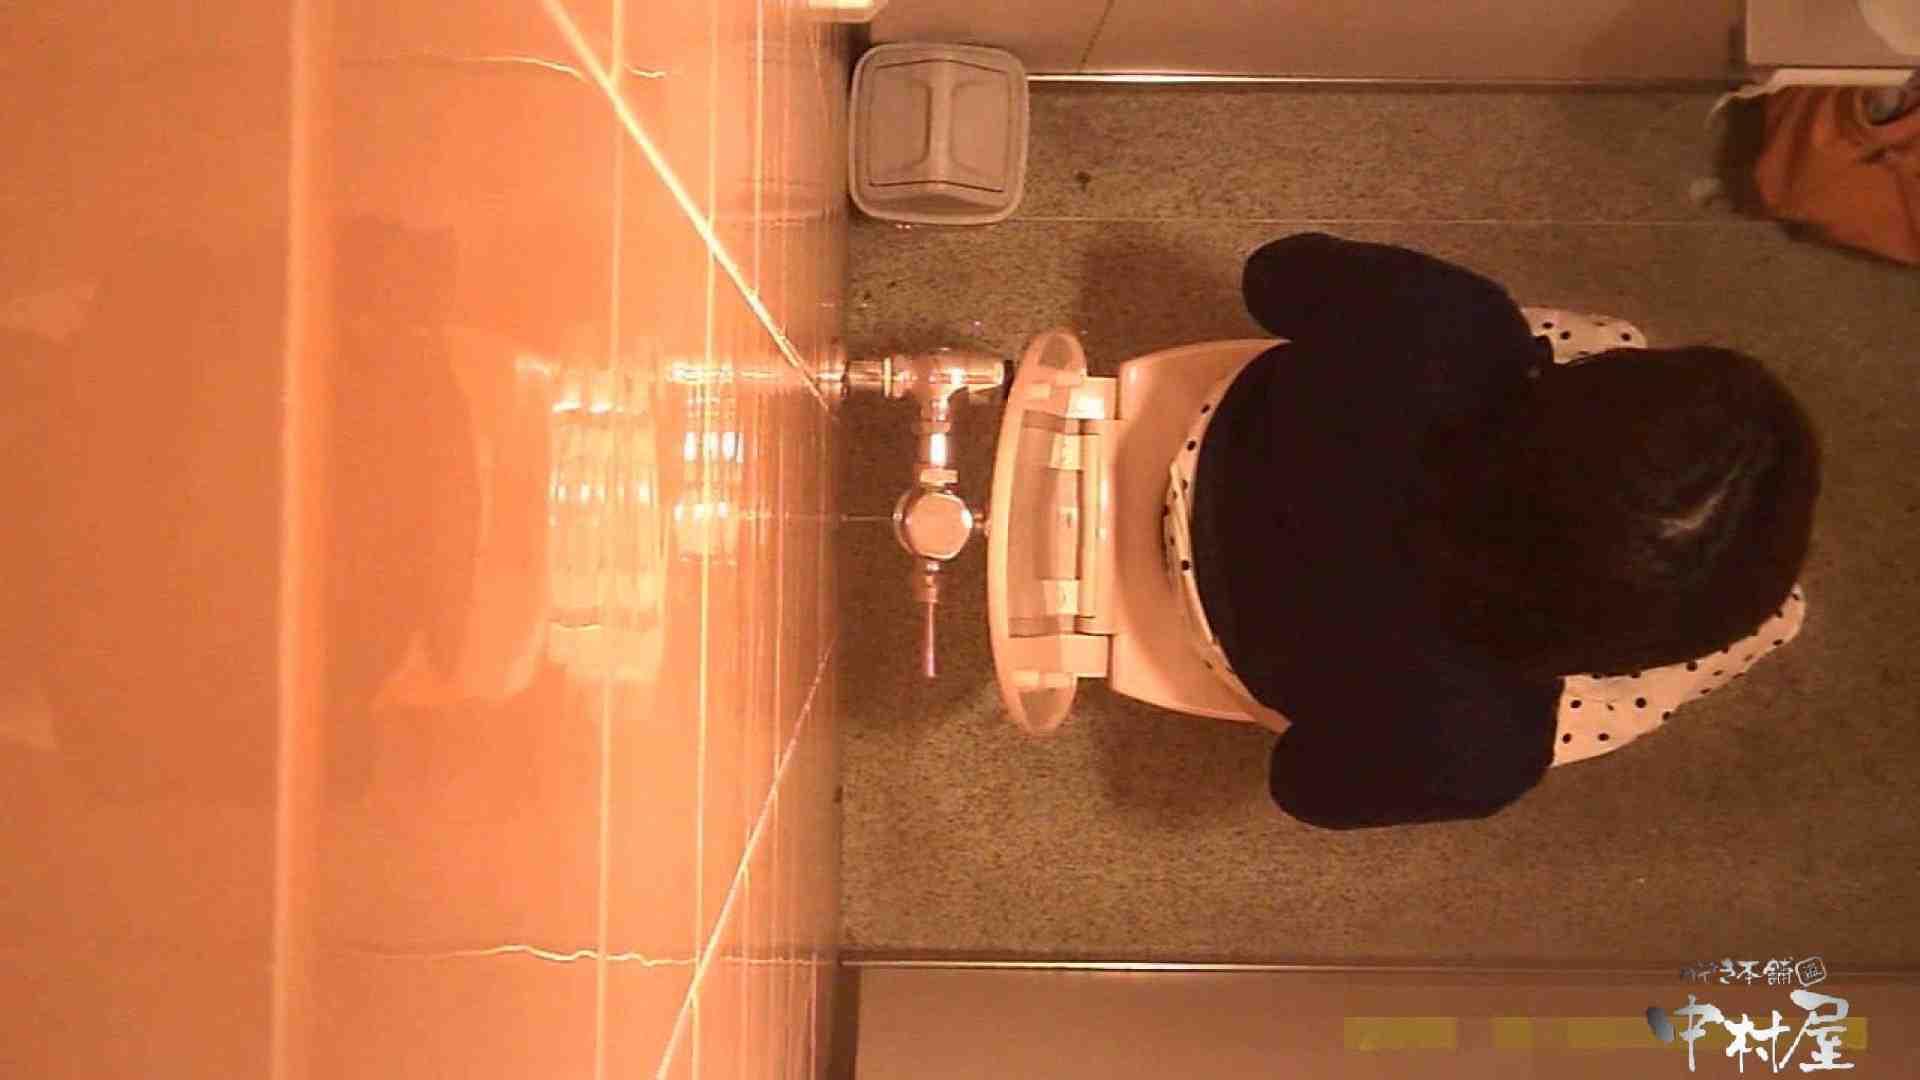 初盗撮!女盗撮師カレンさんの 潜入!女子トイレ盗撮!Vol.3 女子トイレ 覗きおまんこ画像 110PICs 23